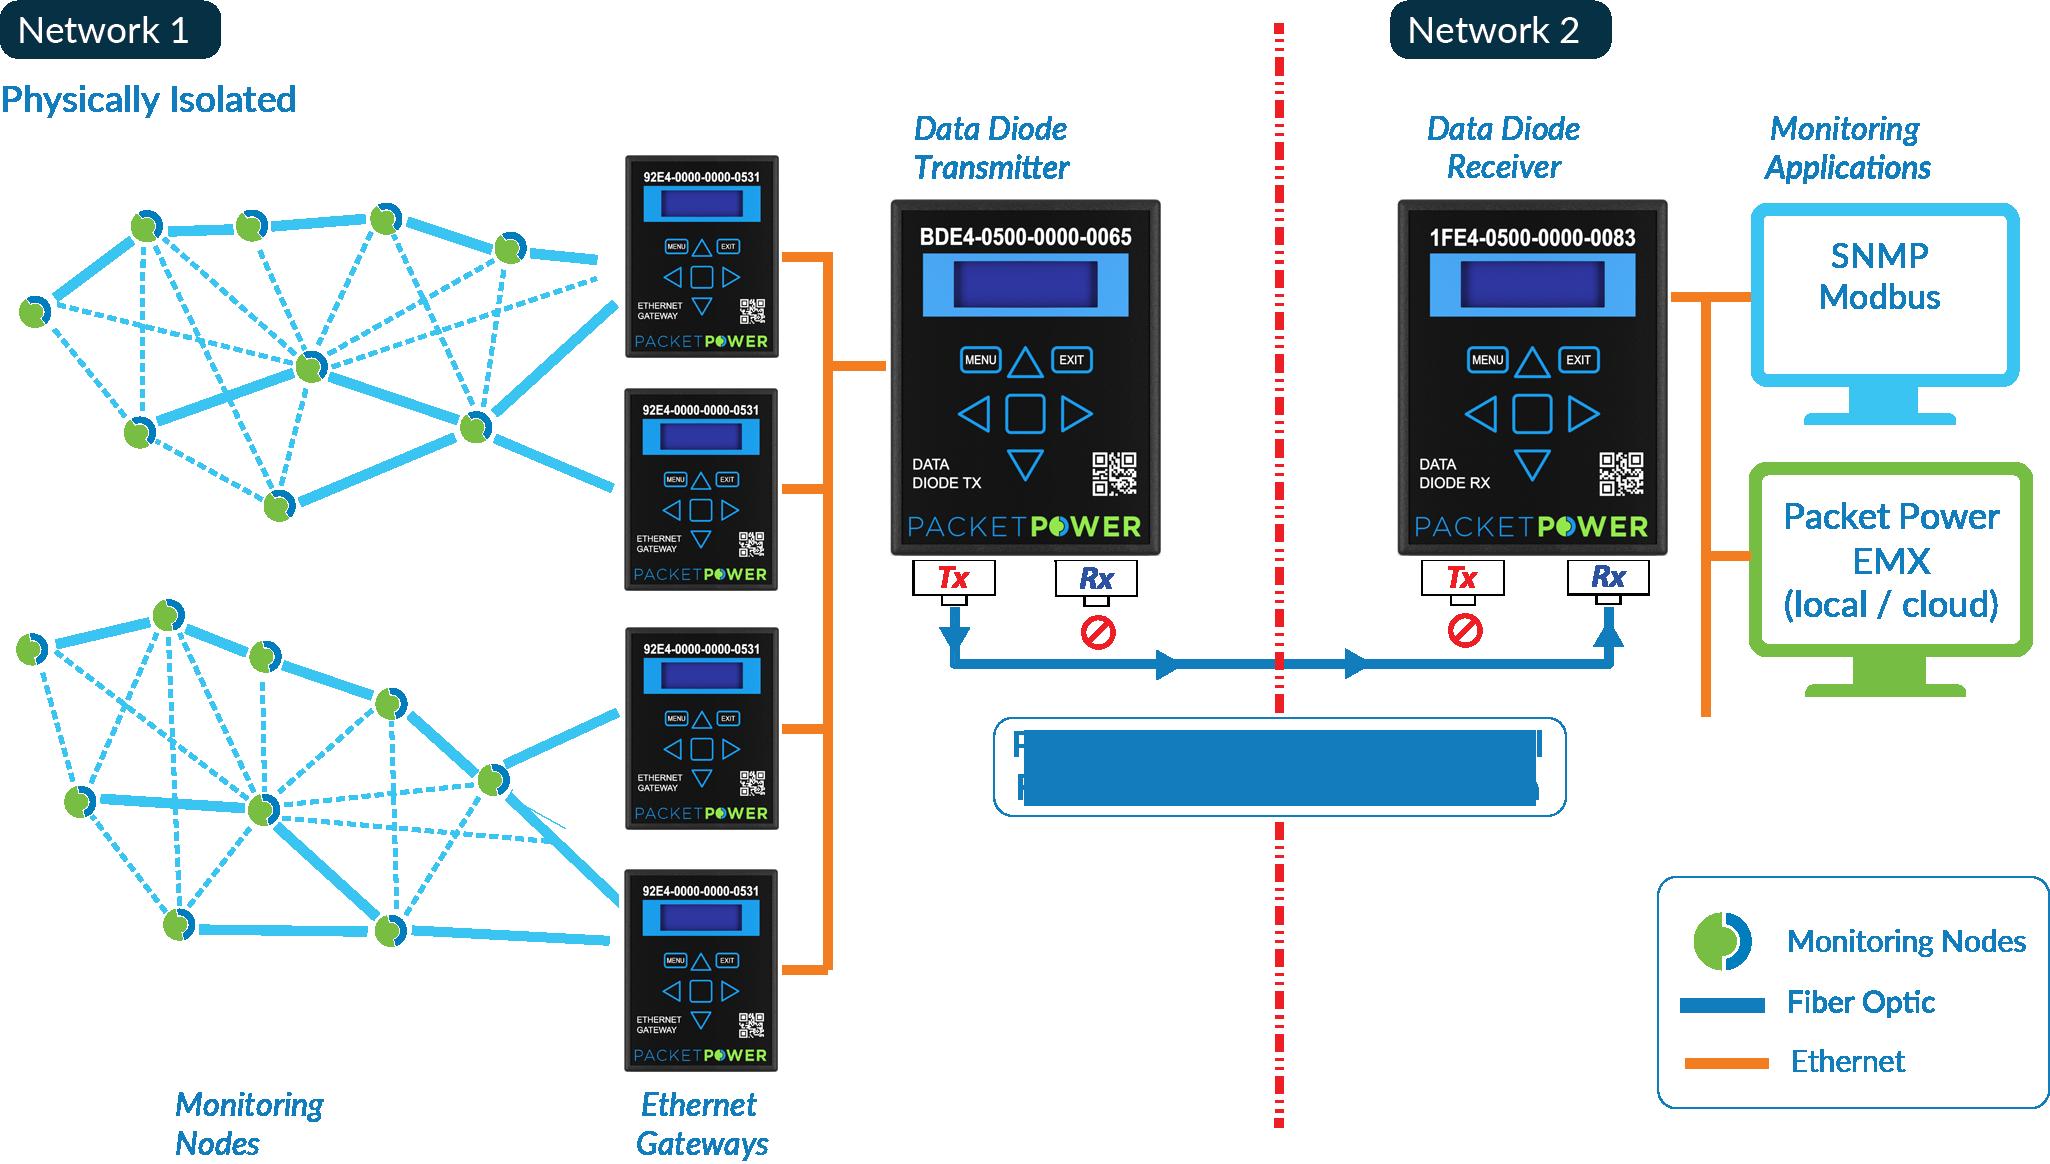 Data Diode full network